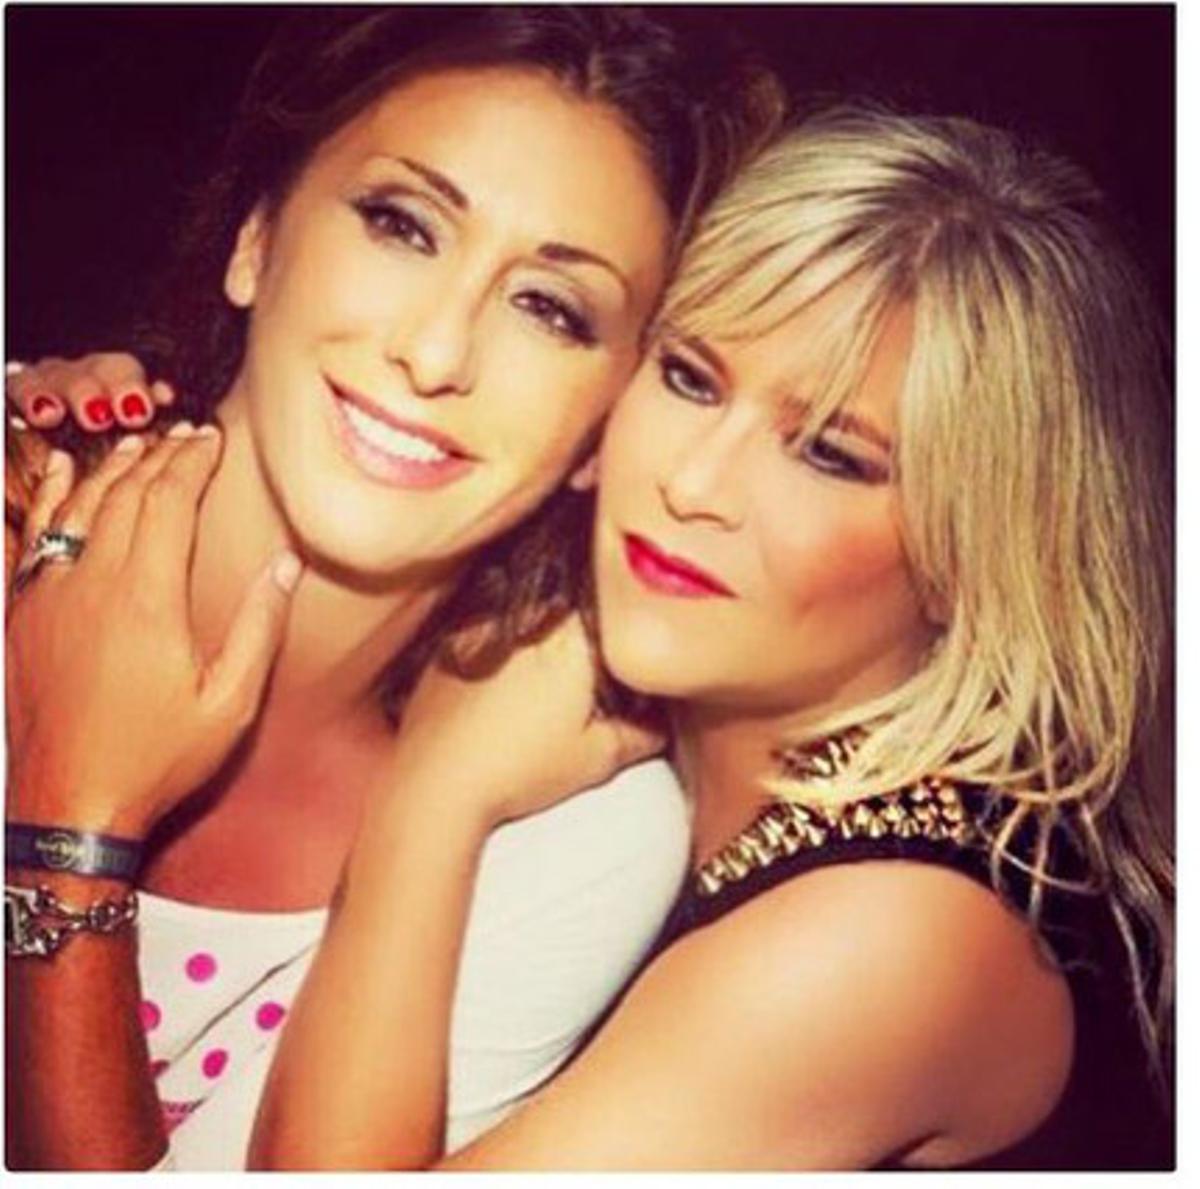 Las cantantes Sabrina Salerno y Samantha Fox en una imagen actual que ha tuiteado Sabrina el 8 de enero del 2016.